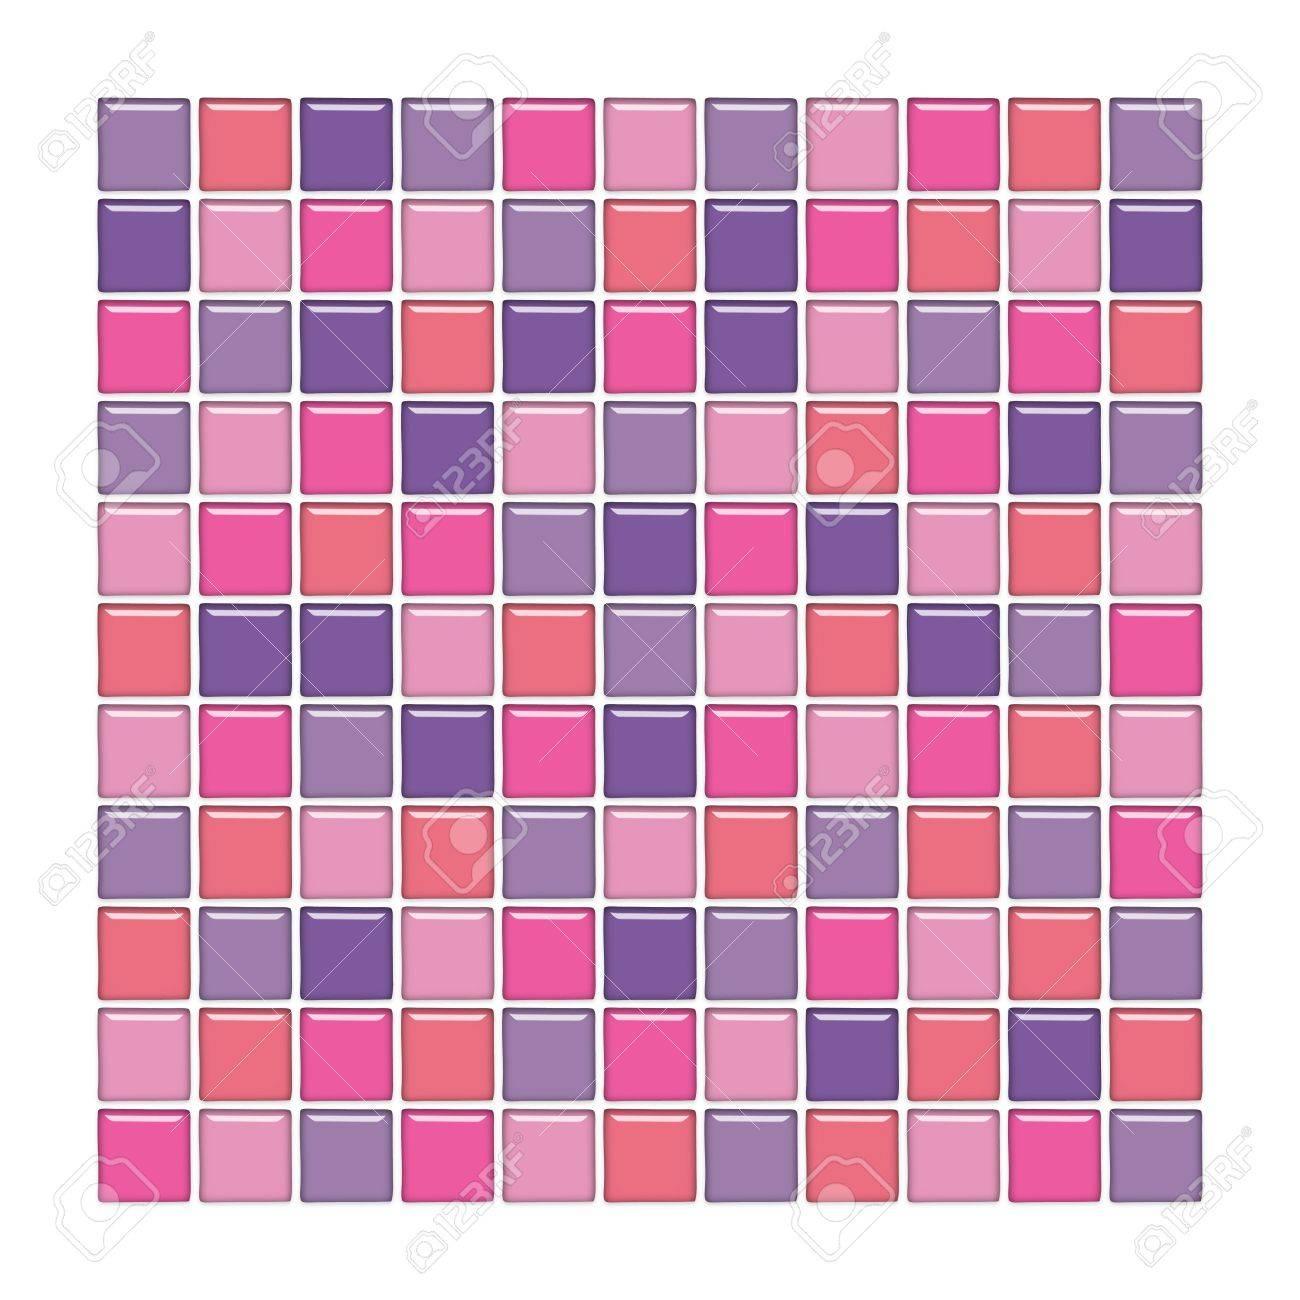 Petite Salle De Bain Style Scandinave ~ salle de bains avec mur rose pourpre et carreaux de mosa que de